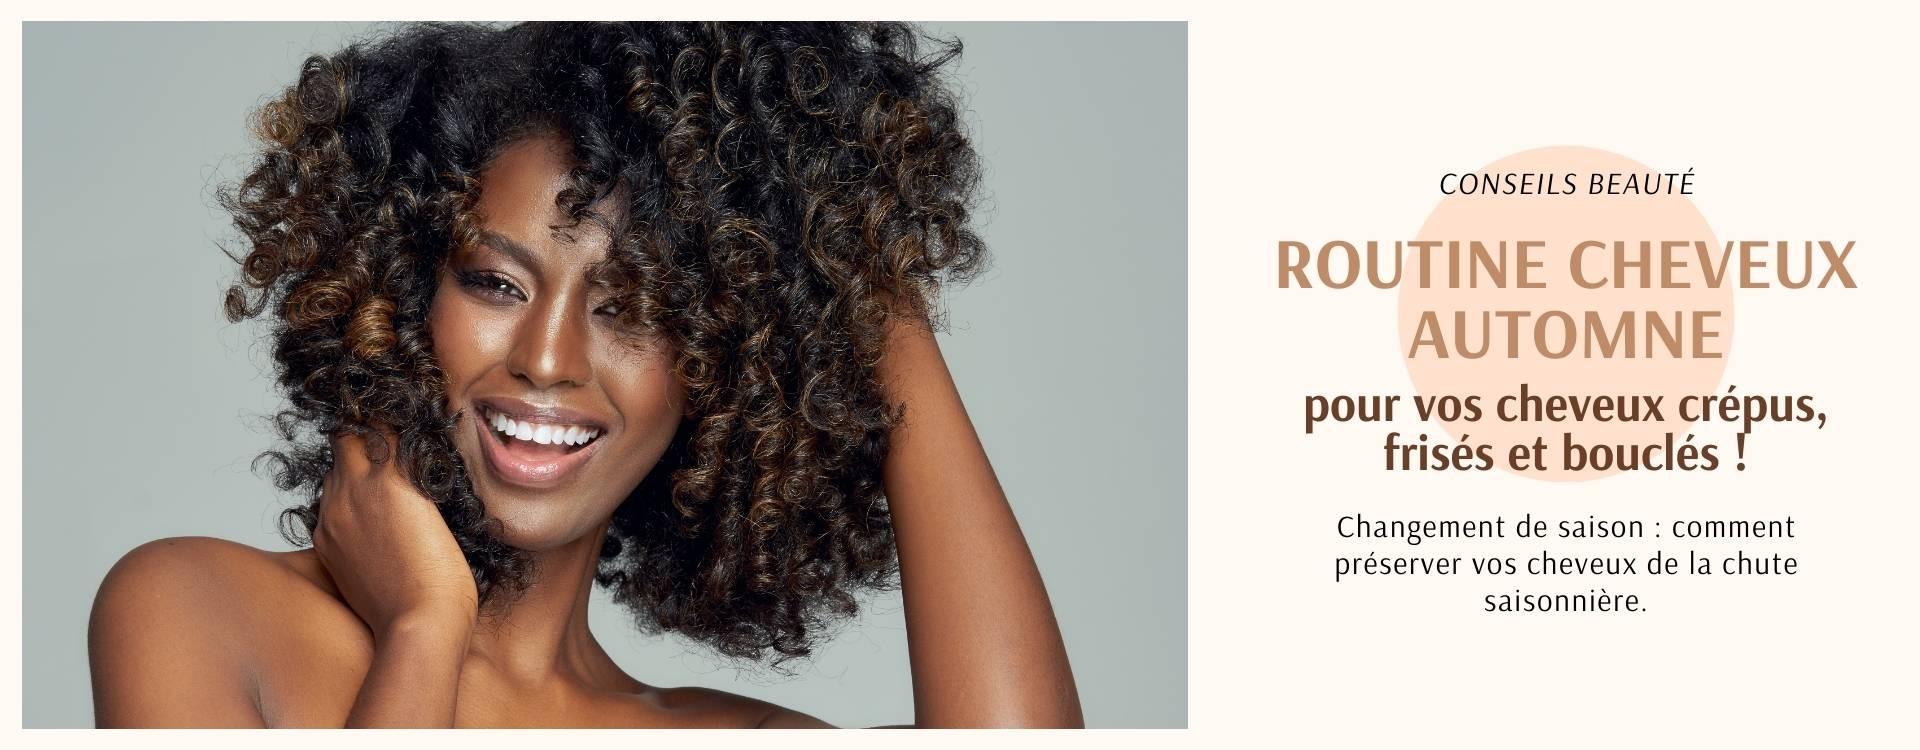 Quelle routine à adopter pour vos cheveux crépus, frisés et bouclés cet automne ?